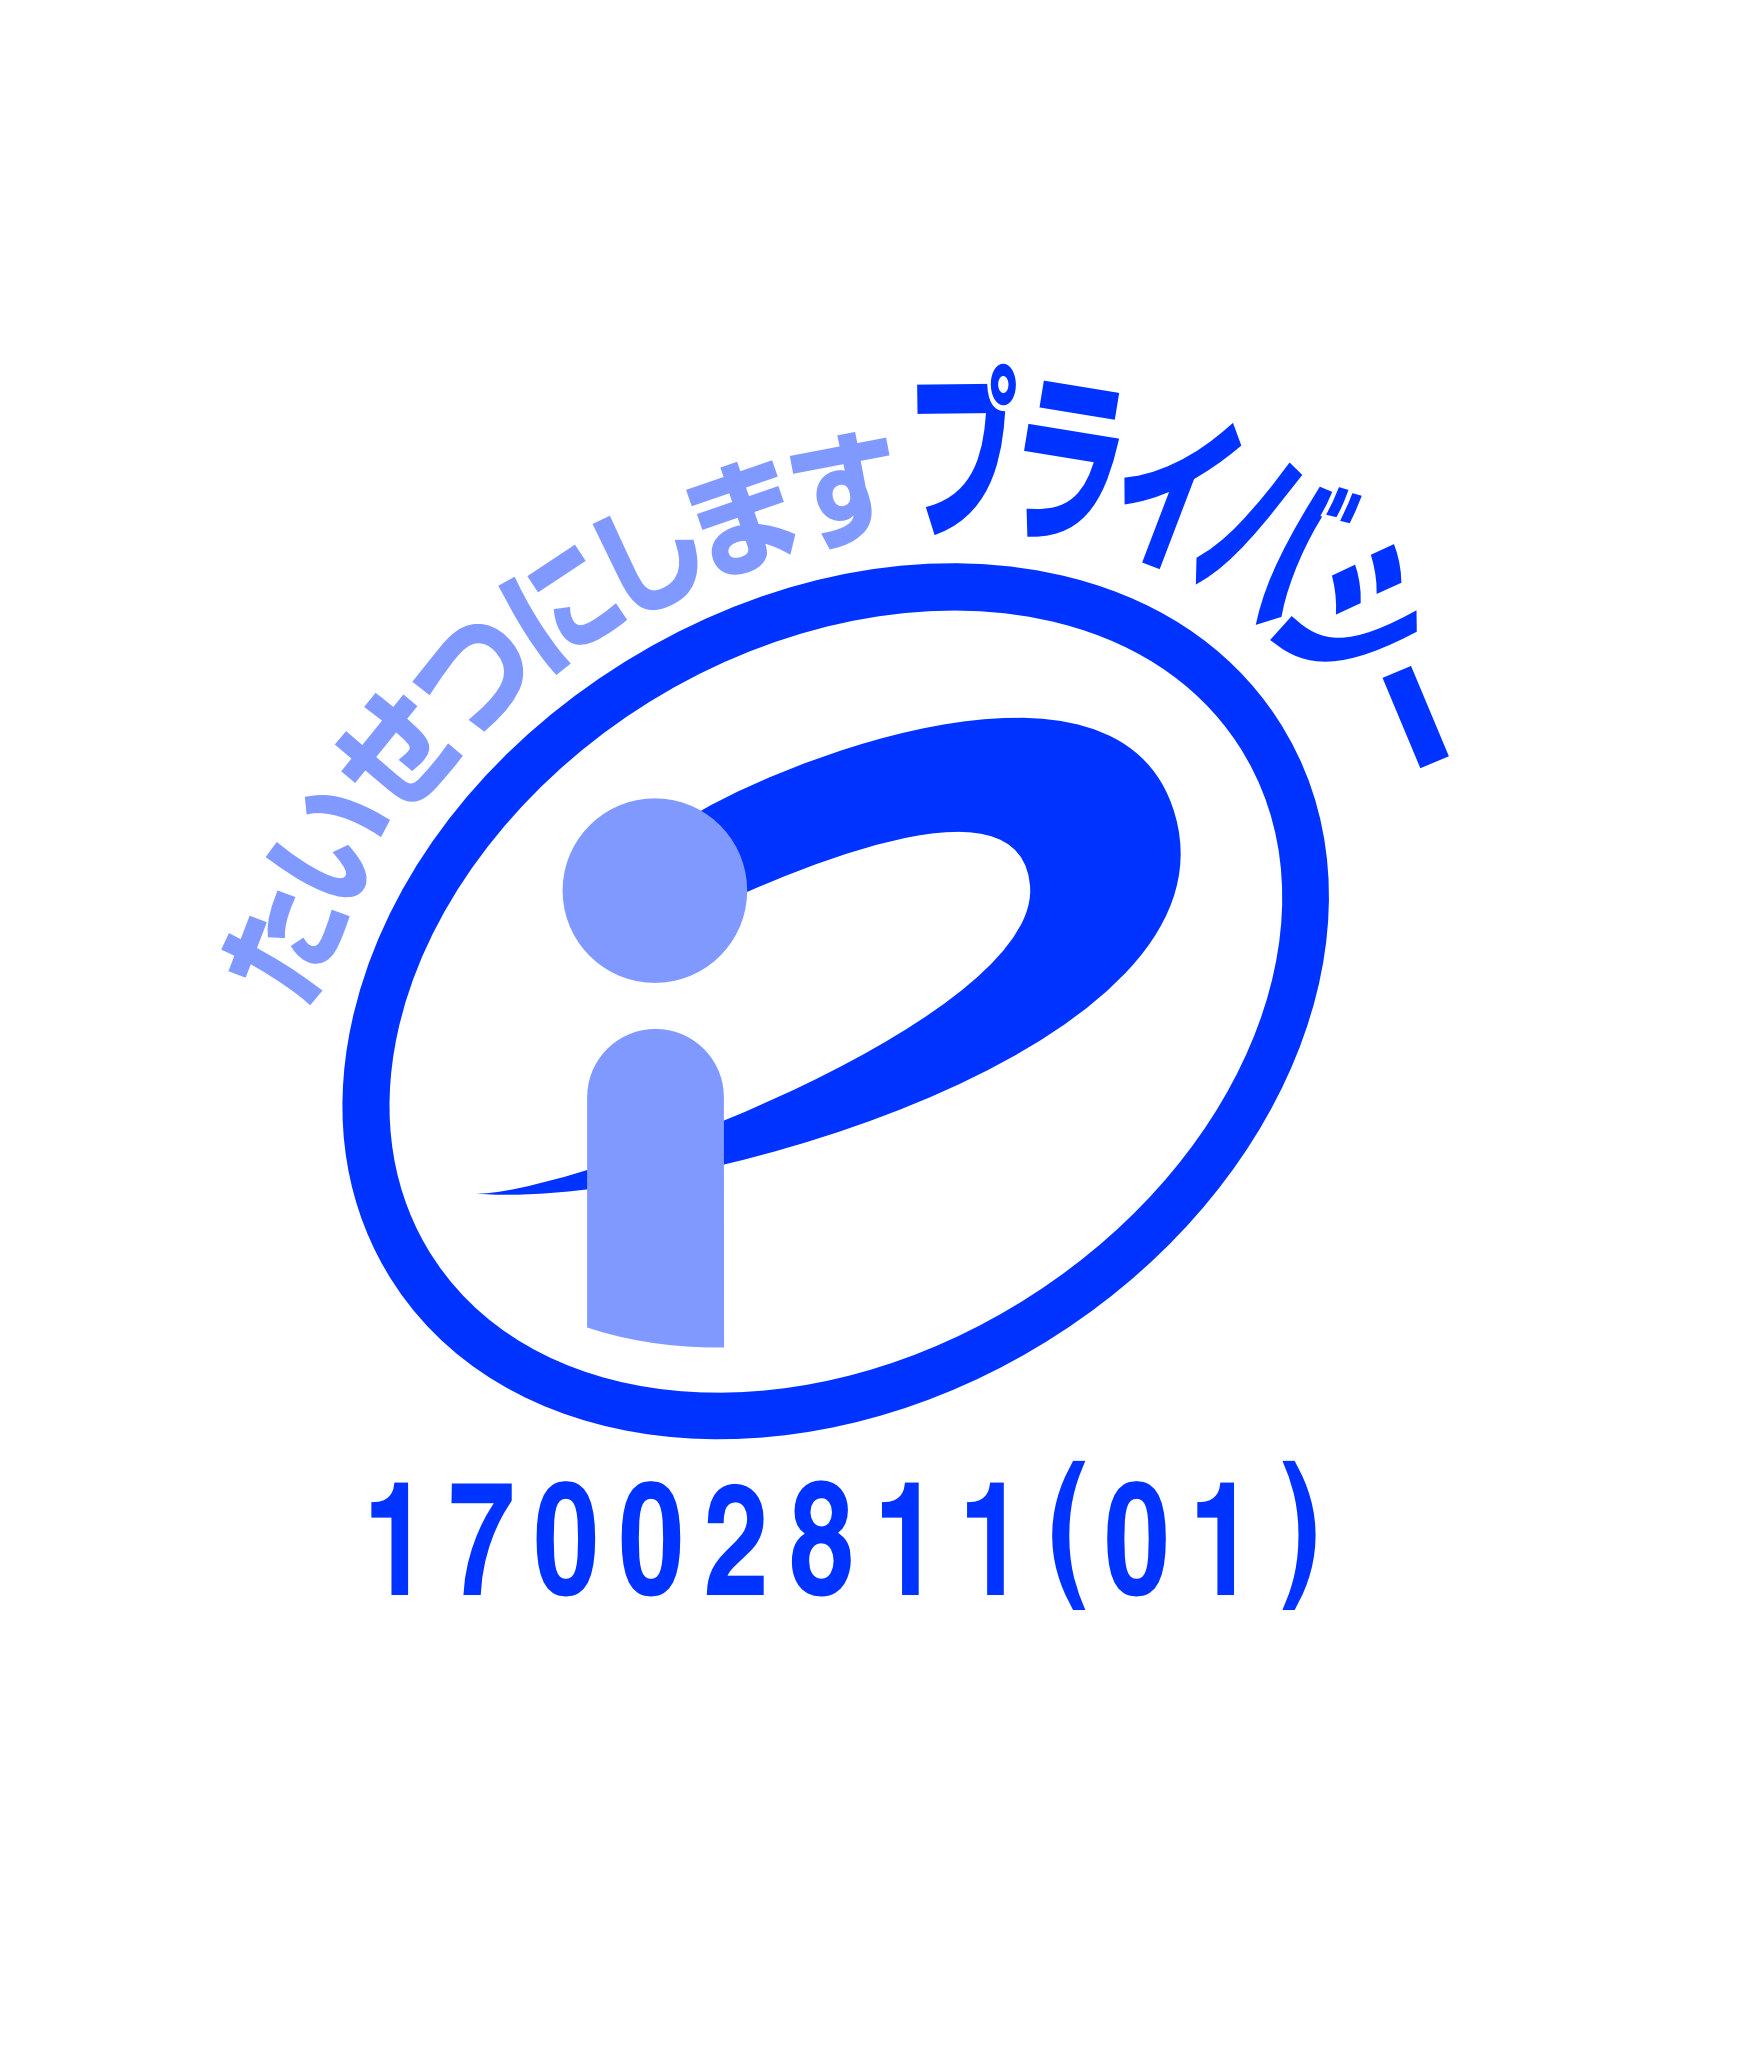 【プライバシーマーク更新審査】もうすぐ終わります!